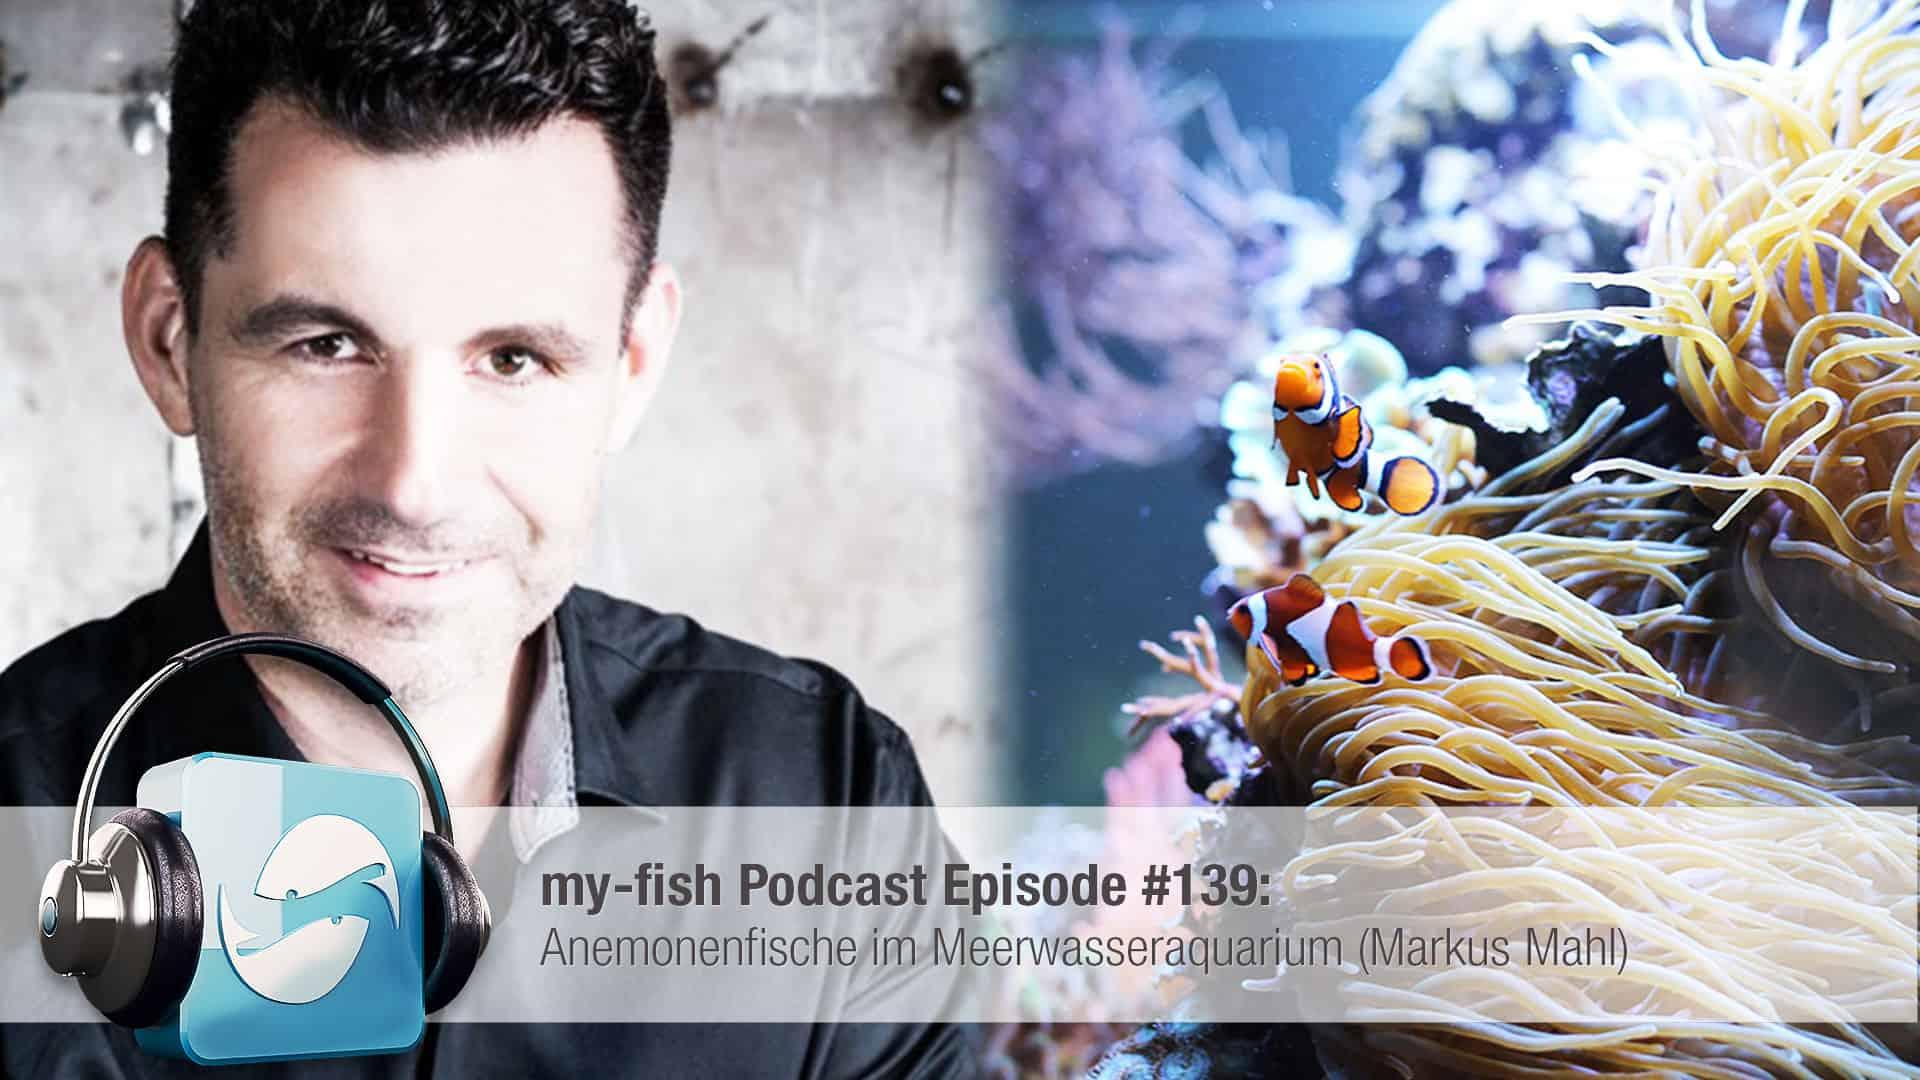 Podcast Episode #139: Anemonenfische im Meerwasseraquarium (Markus Mahl) 1